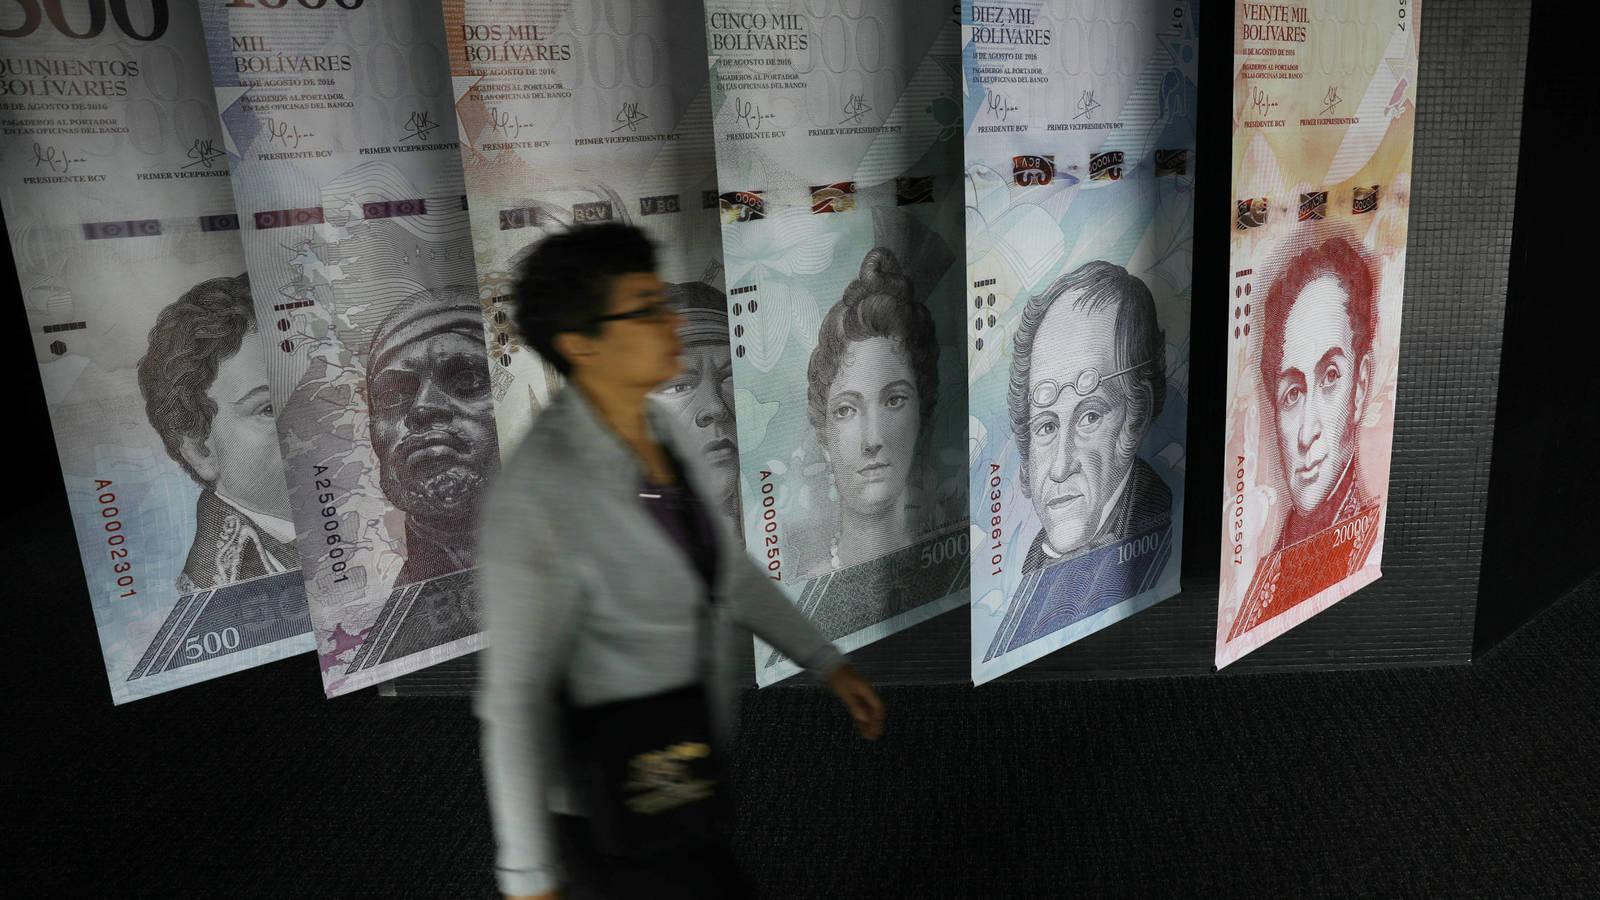 El bolívar venezolano, cada vez más desplazado por el dólar y otras divisas, como el euro.